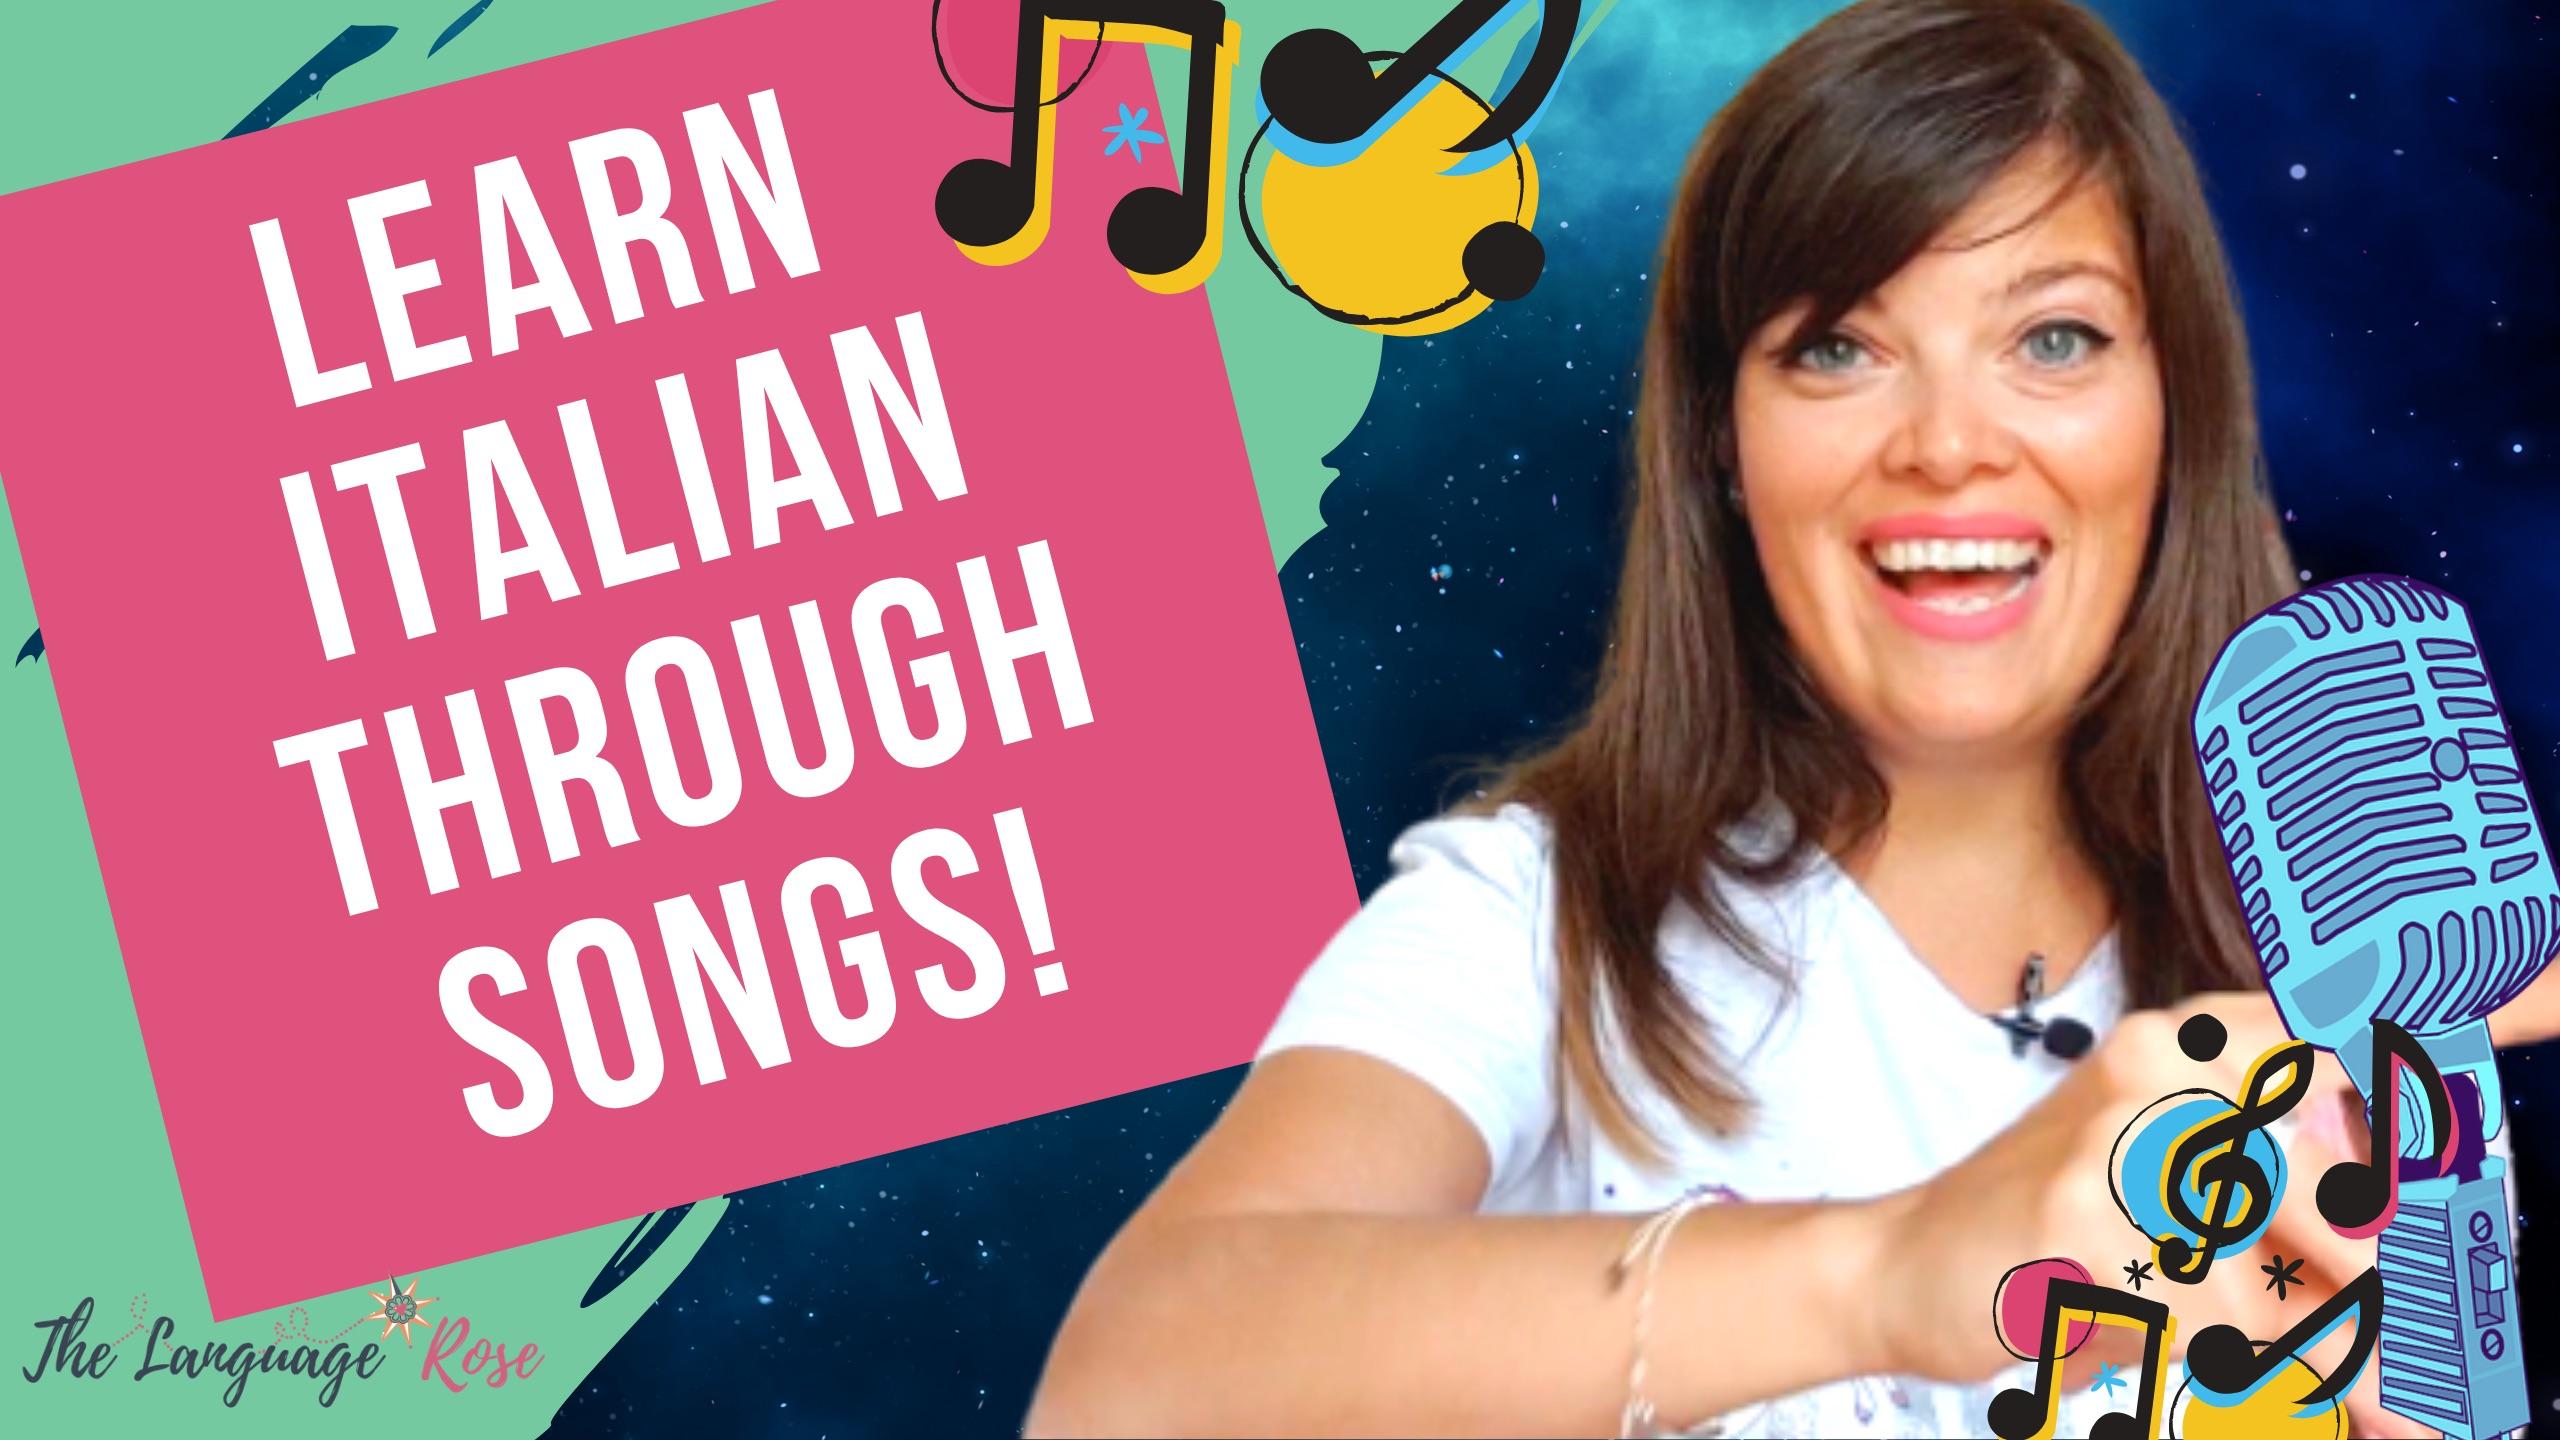 YT-Learn Italian through songs